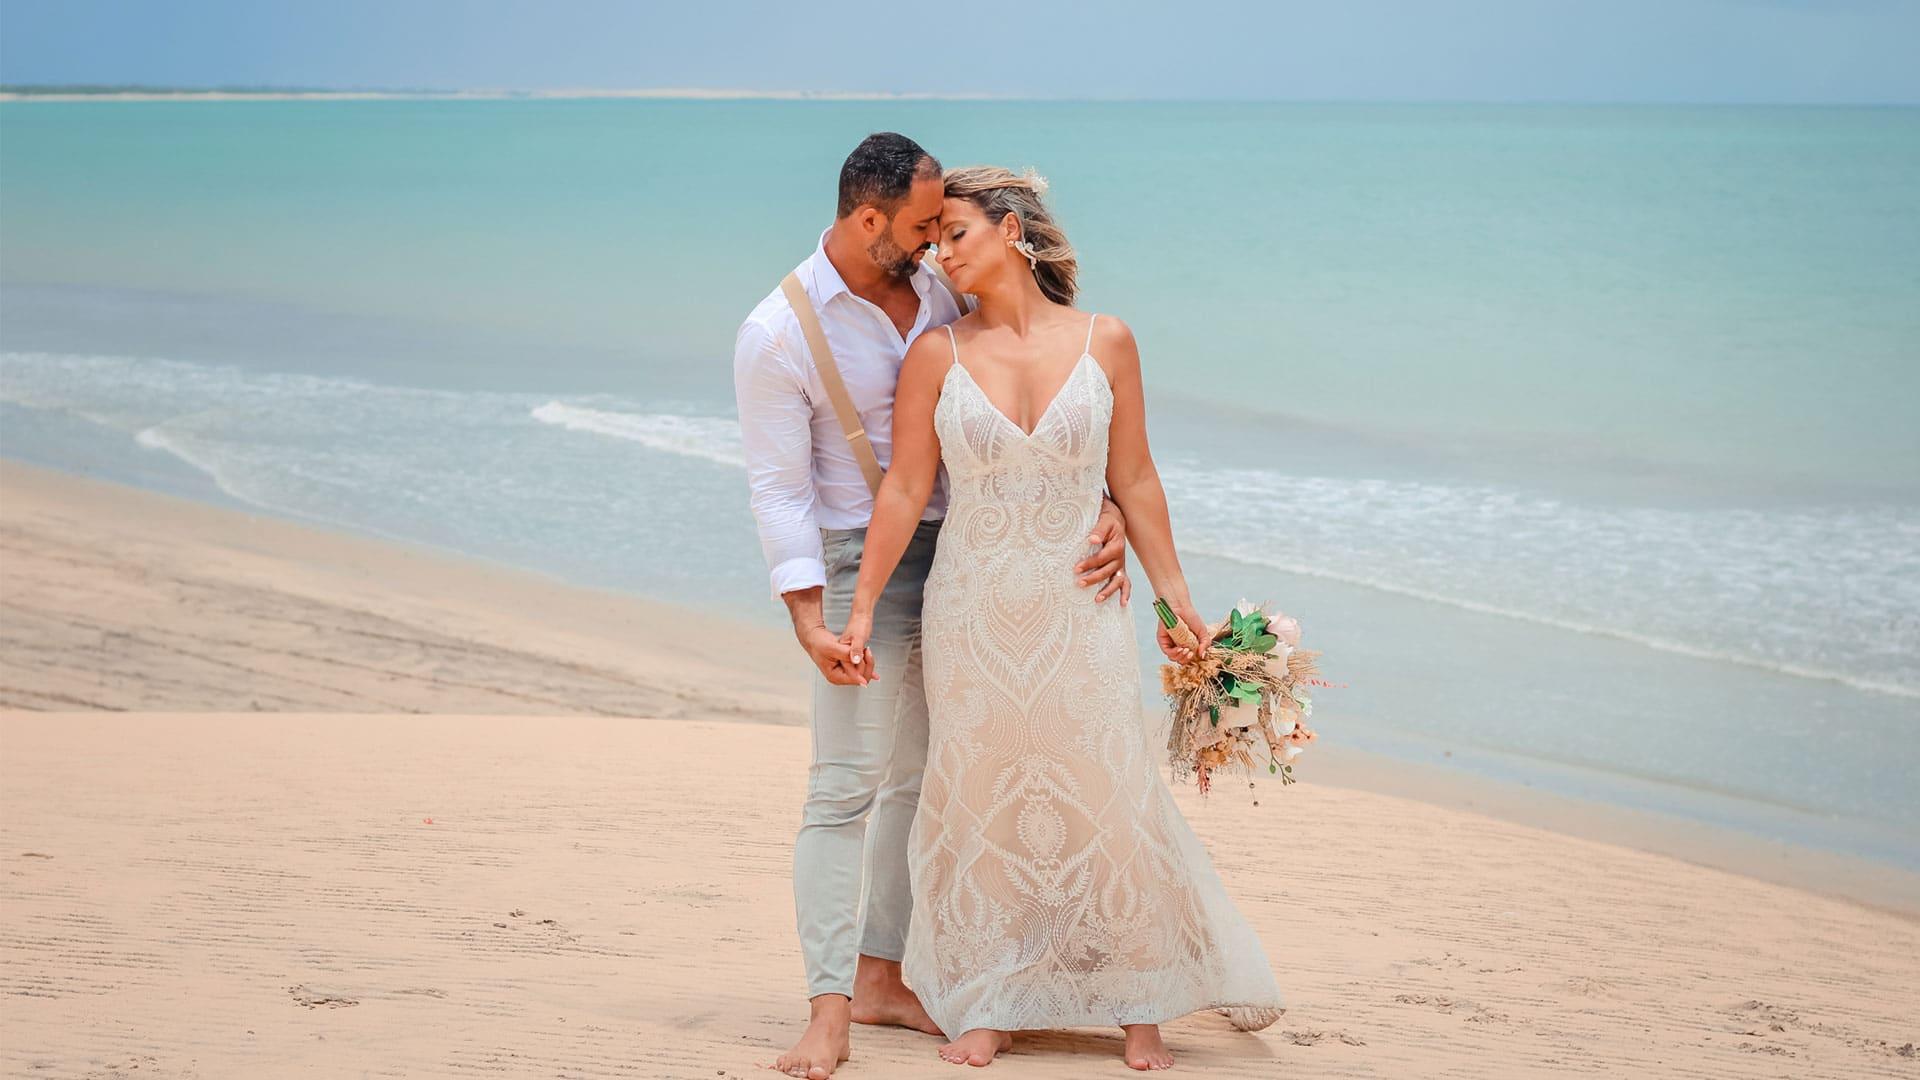 Casamentos em Jericoacoara com casal abraçado na duna do Pôr do Sol